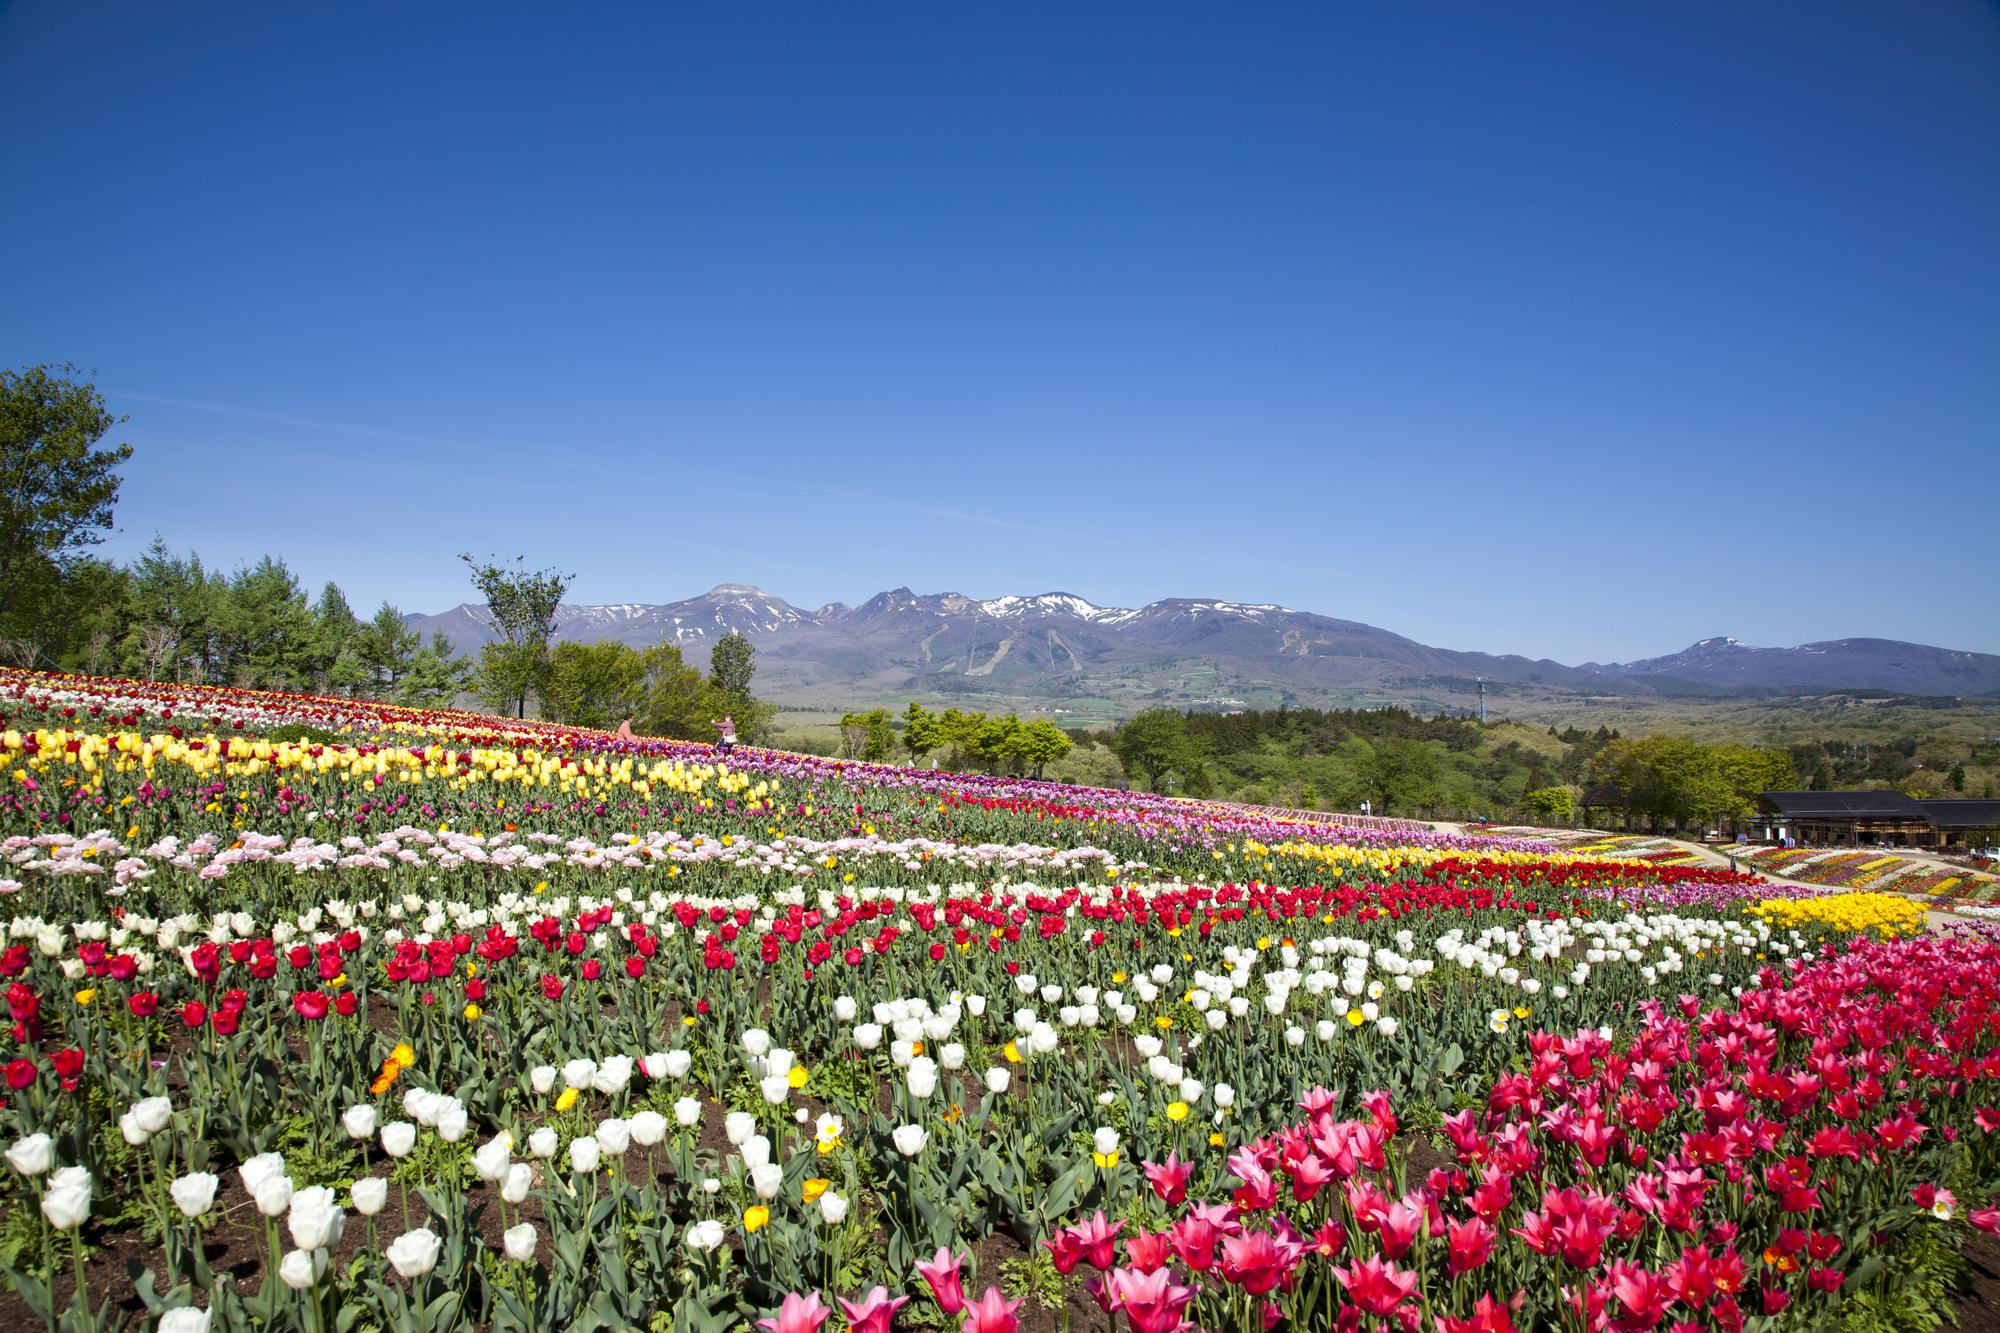 「春」からの住み込みリゾートバイトならどこに行きたい?【人気ランキング】